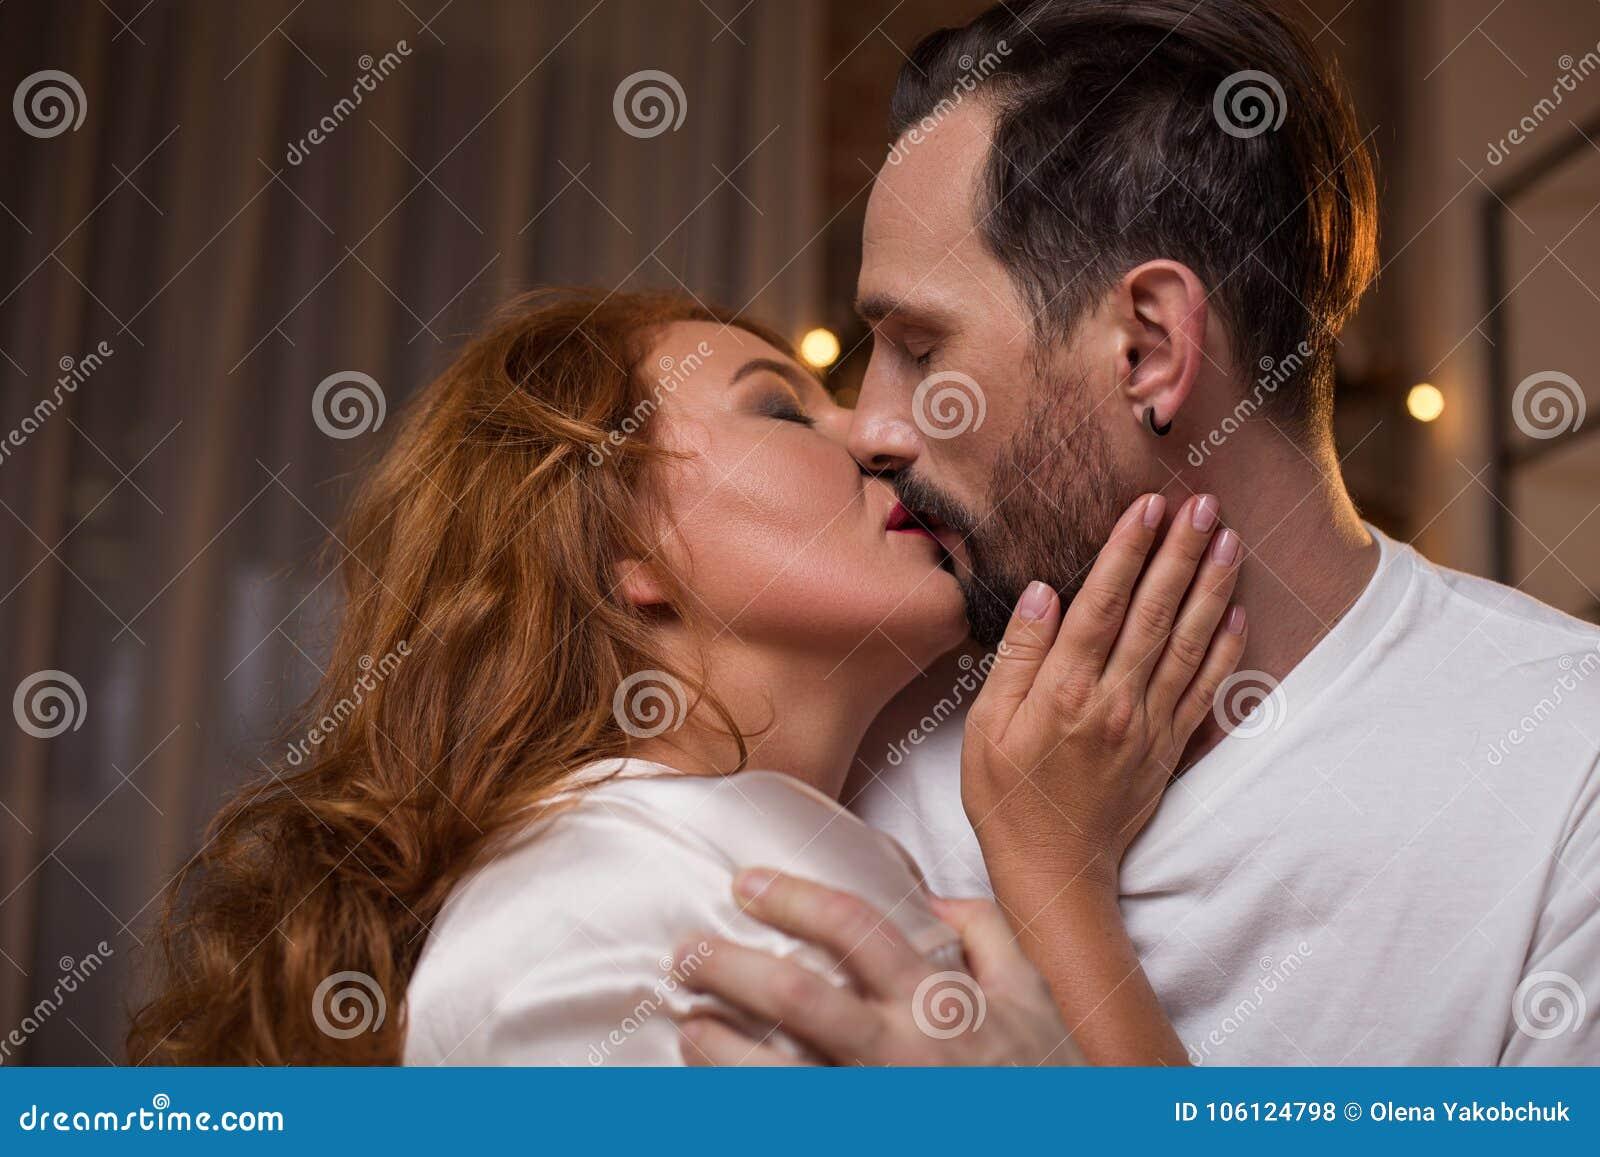 Зрелые женщины с любовниками фото, топ моб порно сайты